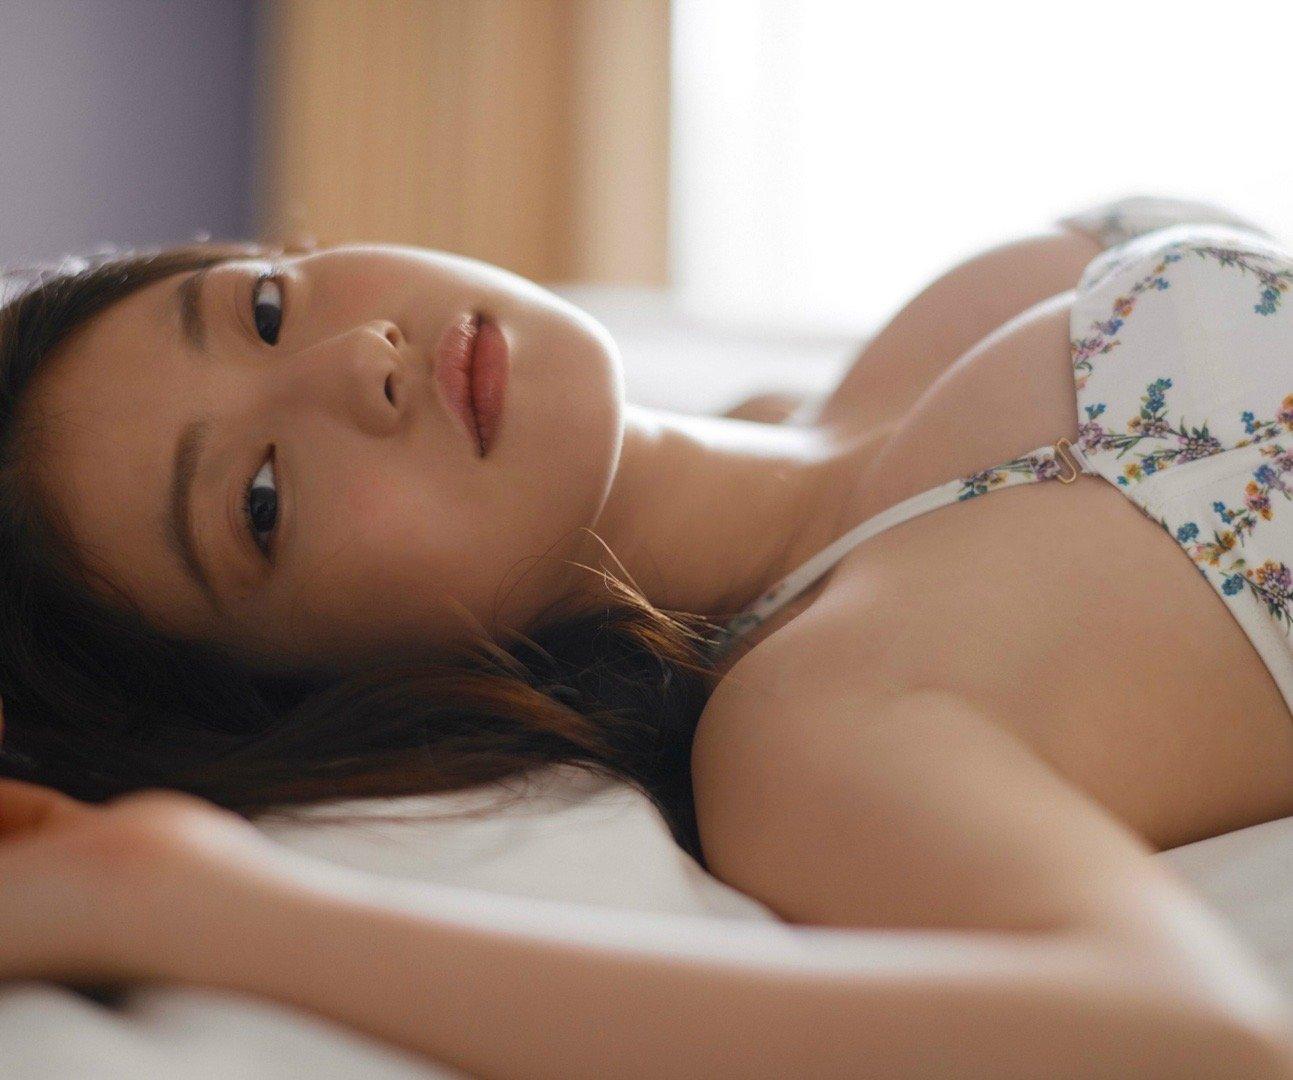 [妹子图]:今田美樱  网络美女 第9张